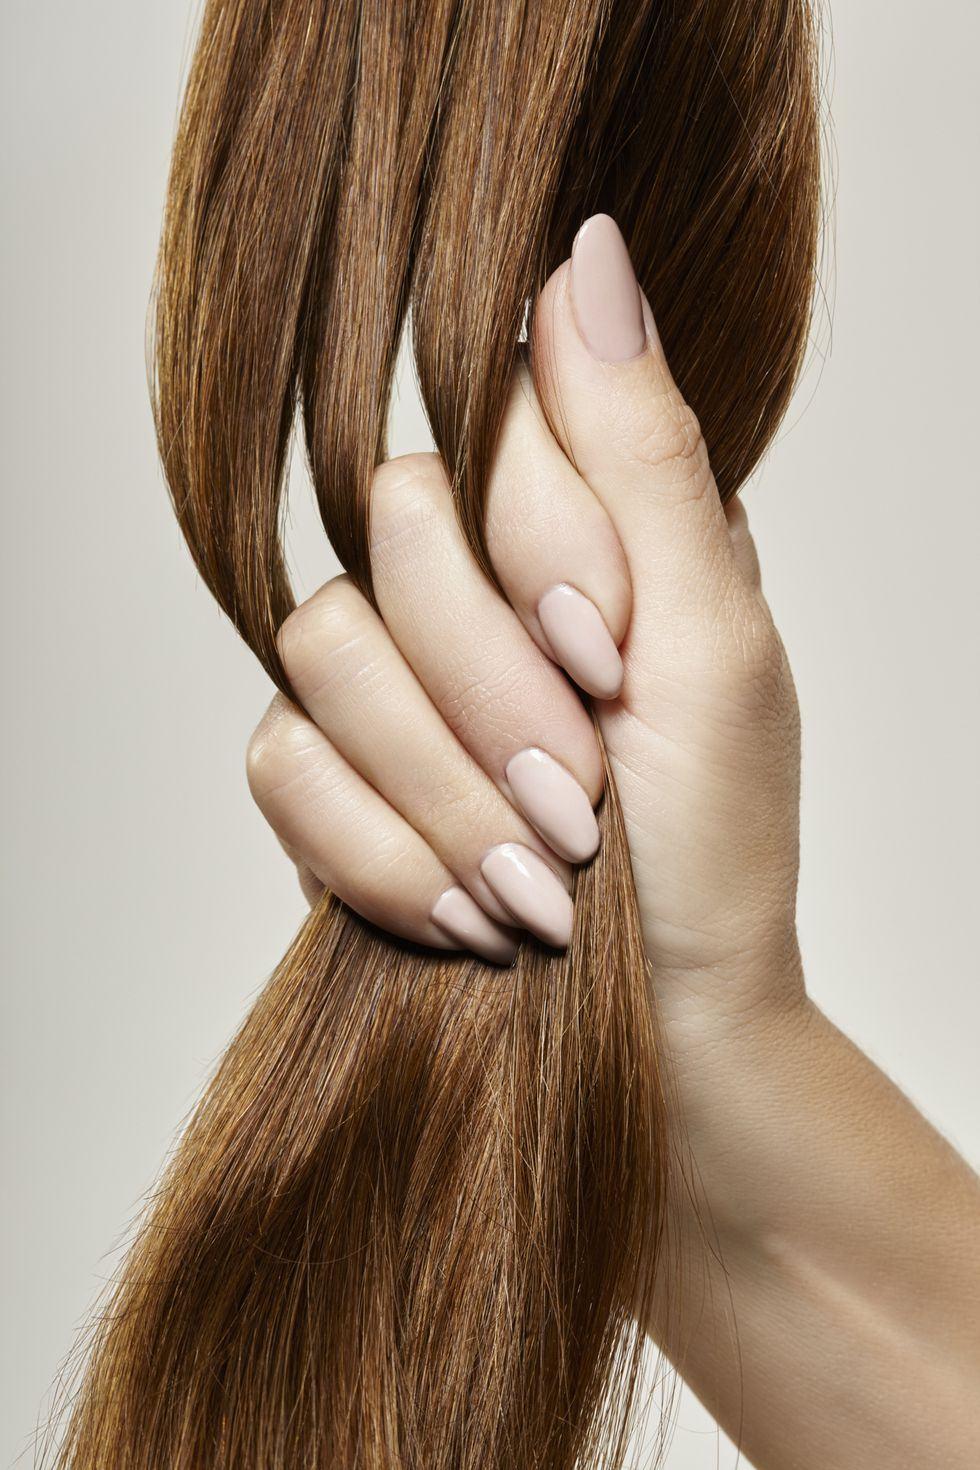 5.髮質和髮量適合嗎? 為了要營造稀疏隨意的空氣感,空氣瀏海所需要的髮量不多,並且帶有明顯一條一條的線條感,假若妳髮量很多,瀏海應該不到數天就會變長、變厚,這樣就要不停修剪,麻煩又浪費金錢;還有另一考慮的因素就是髮質,因空氣瀏海每天都要夾彎,天生是細軟髮的妳相較之下會比較容易打理。